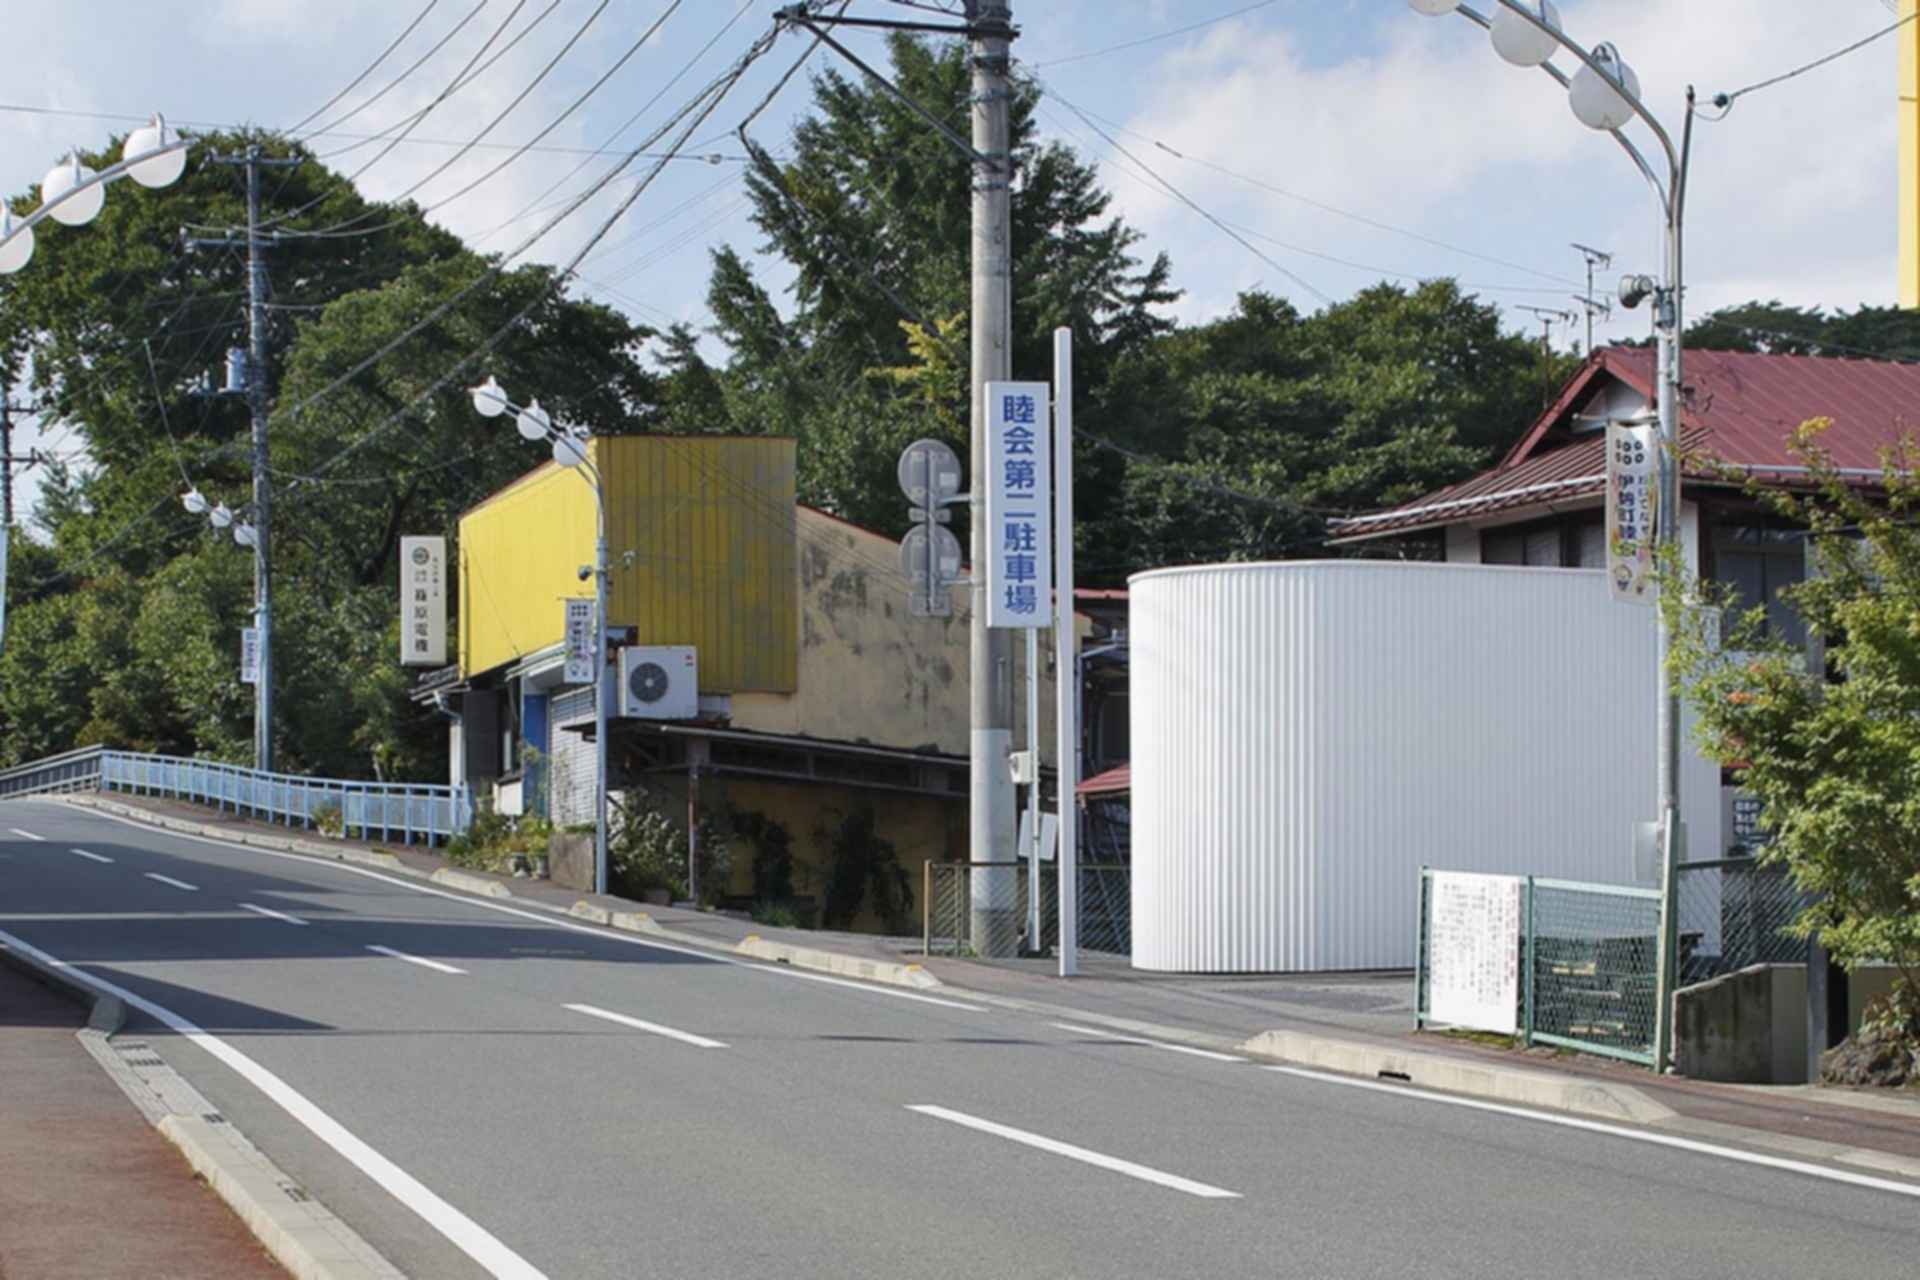 Isemachi Public Toilet - exterior/landscaping